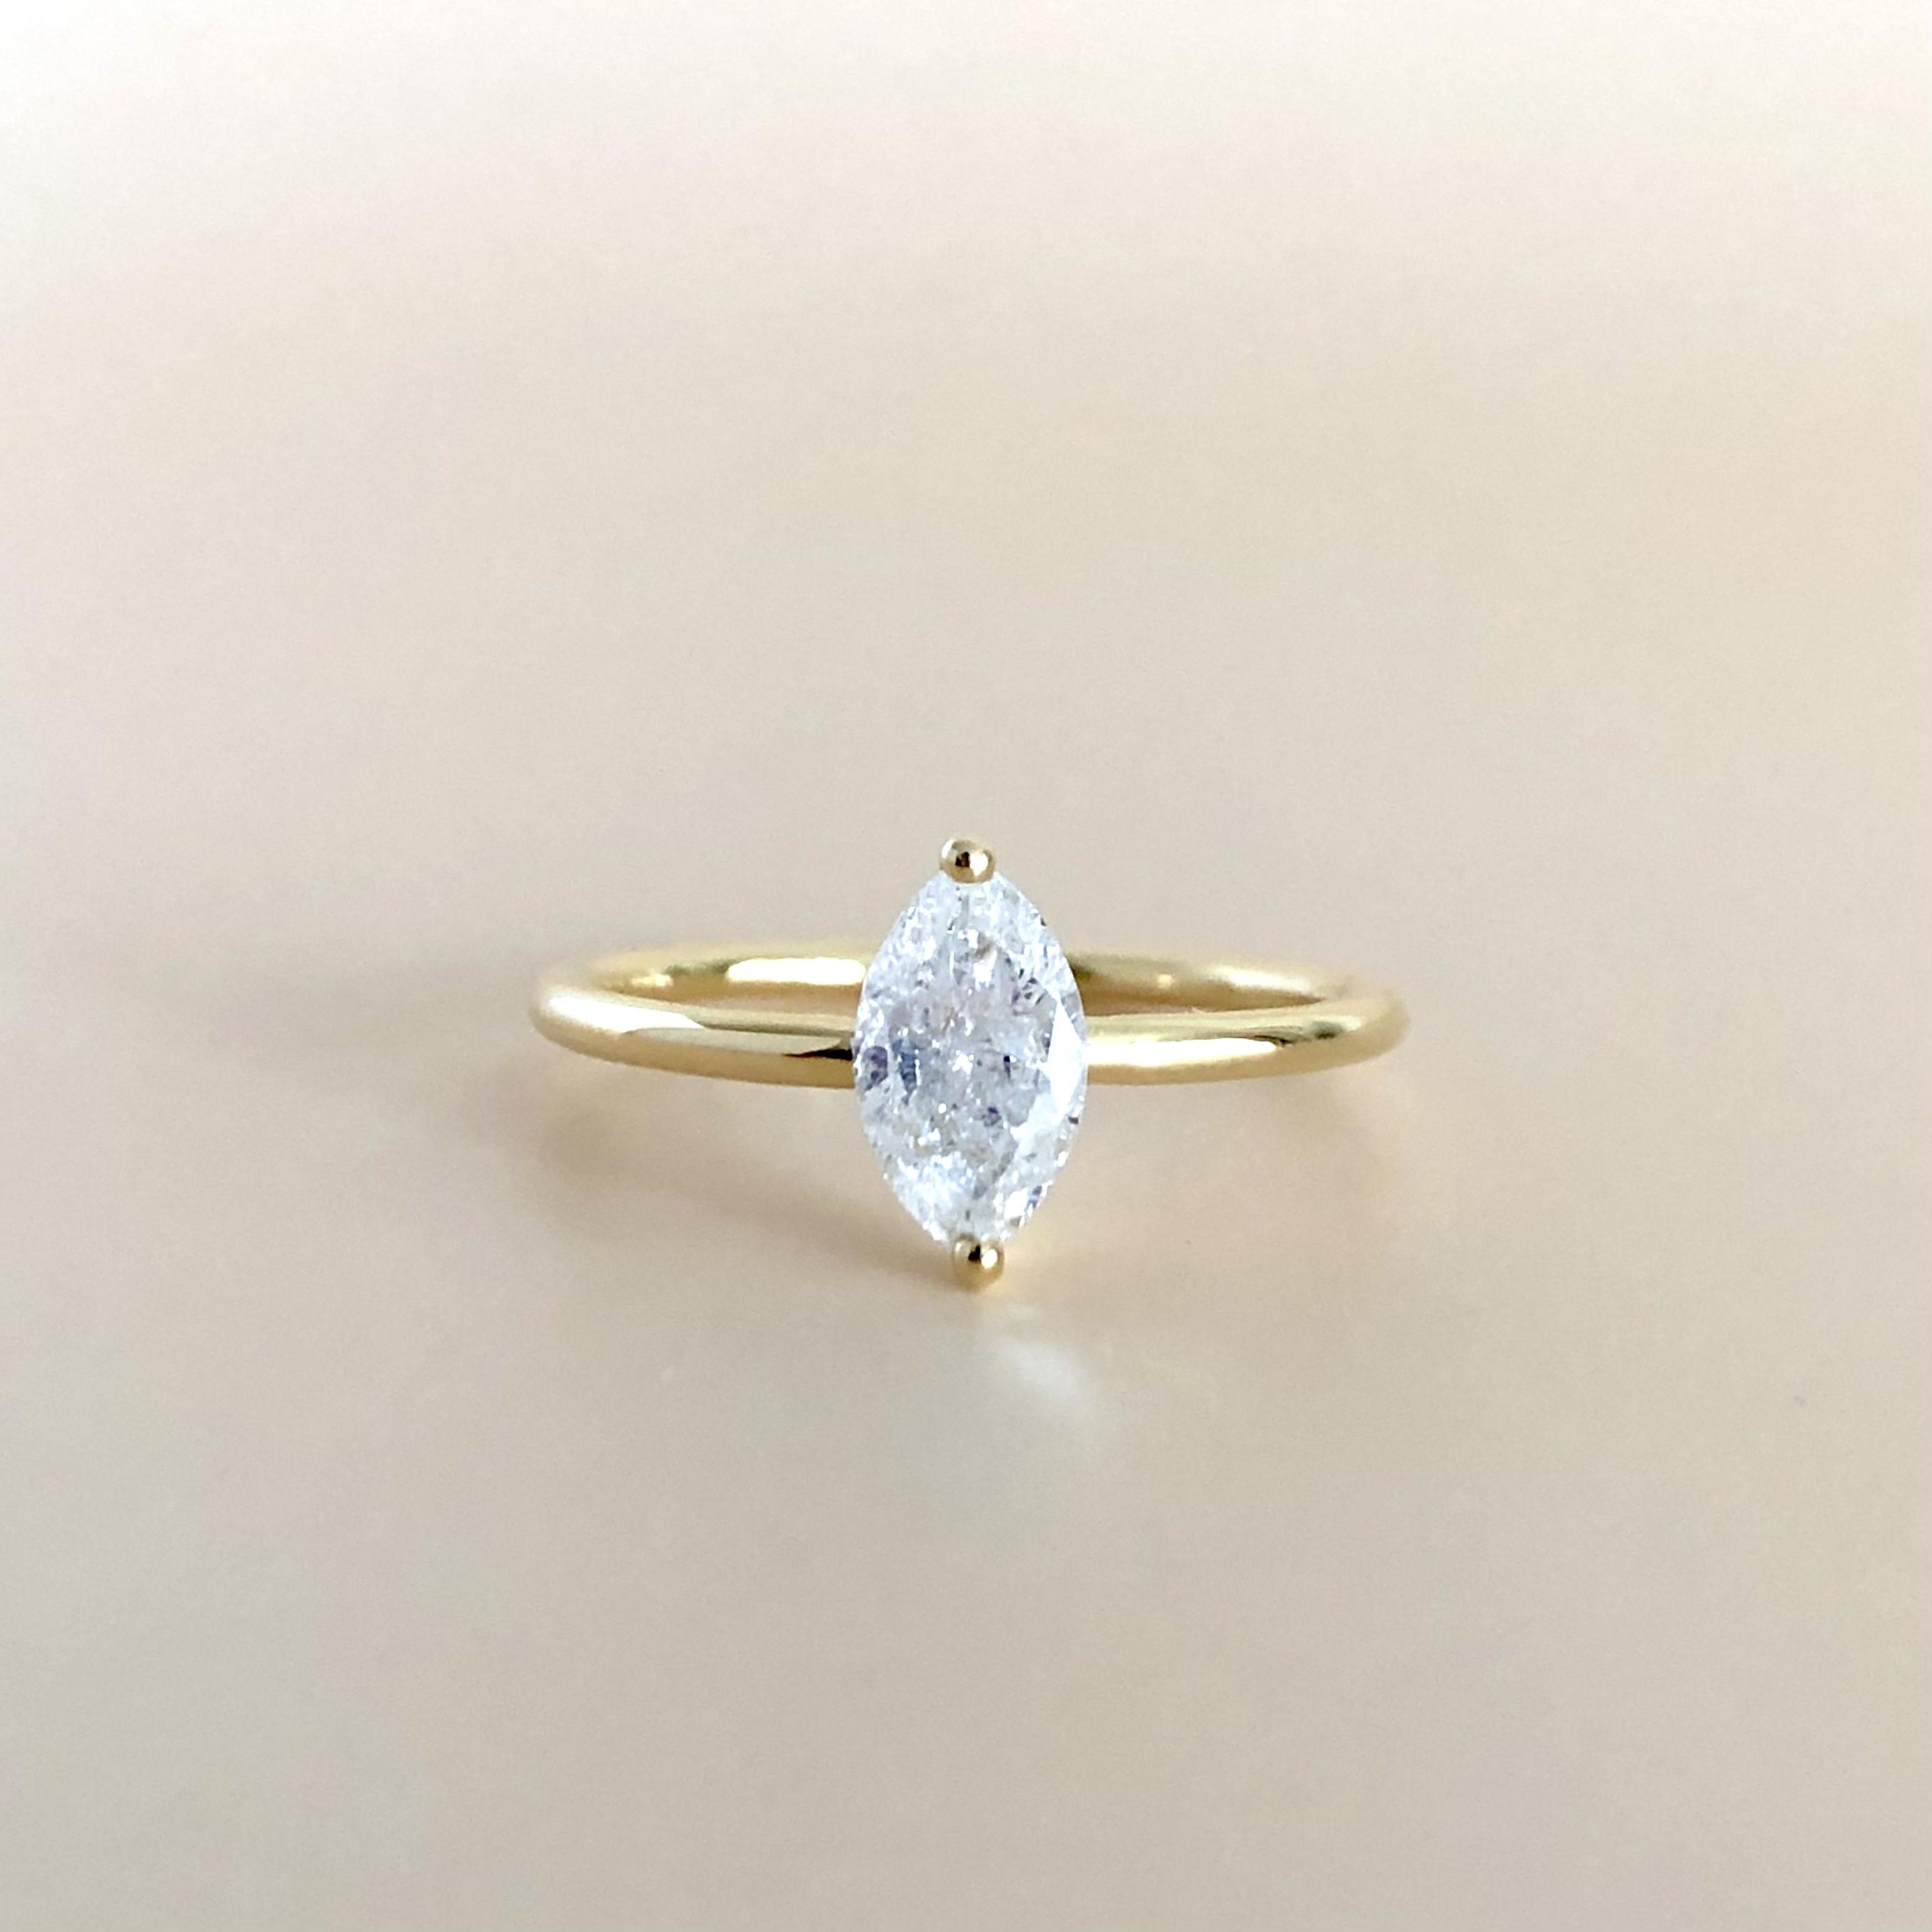 マーキスカット  ダイヤモンド リング  0.452ct  K18イエローゴールド チェカ 鑑別書付